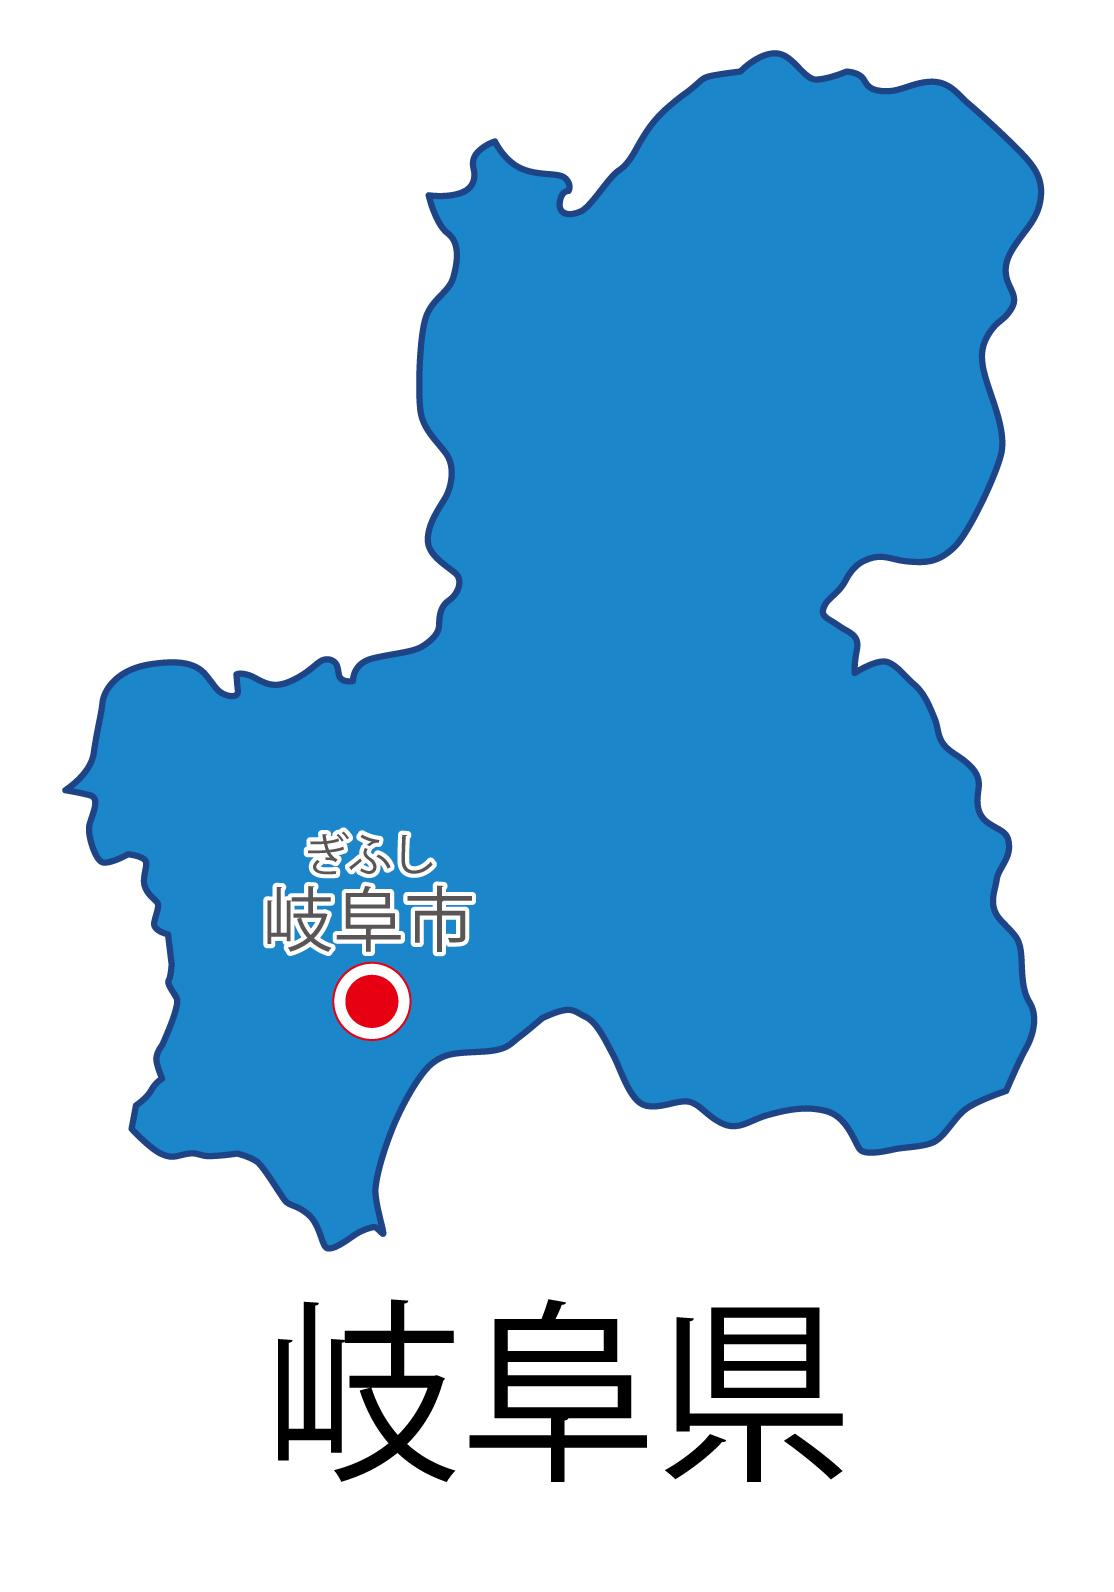 岐阜県無料フリーイラスト|日本語・都道府県名あり・県庁所在地あり・ルビあり(青)